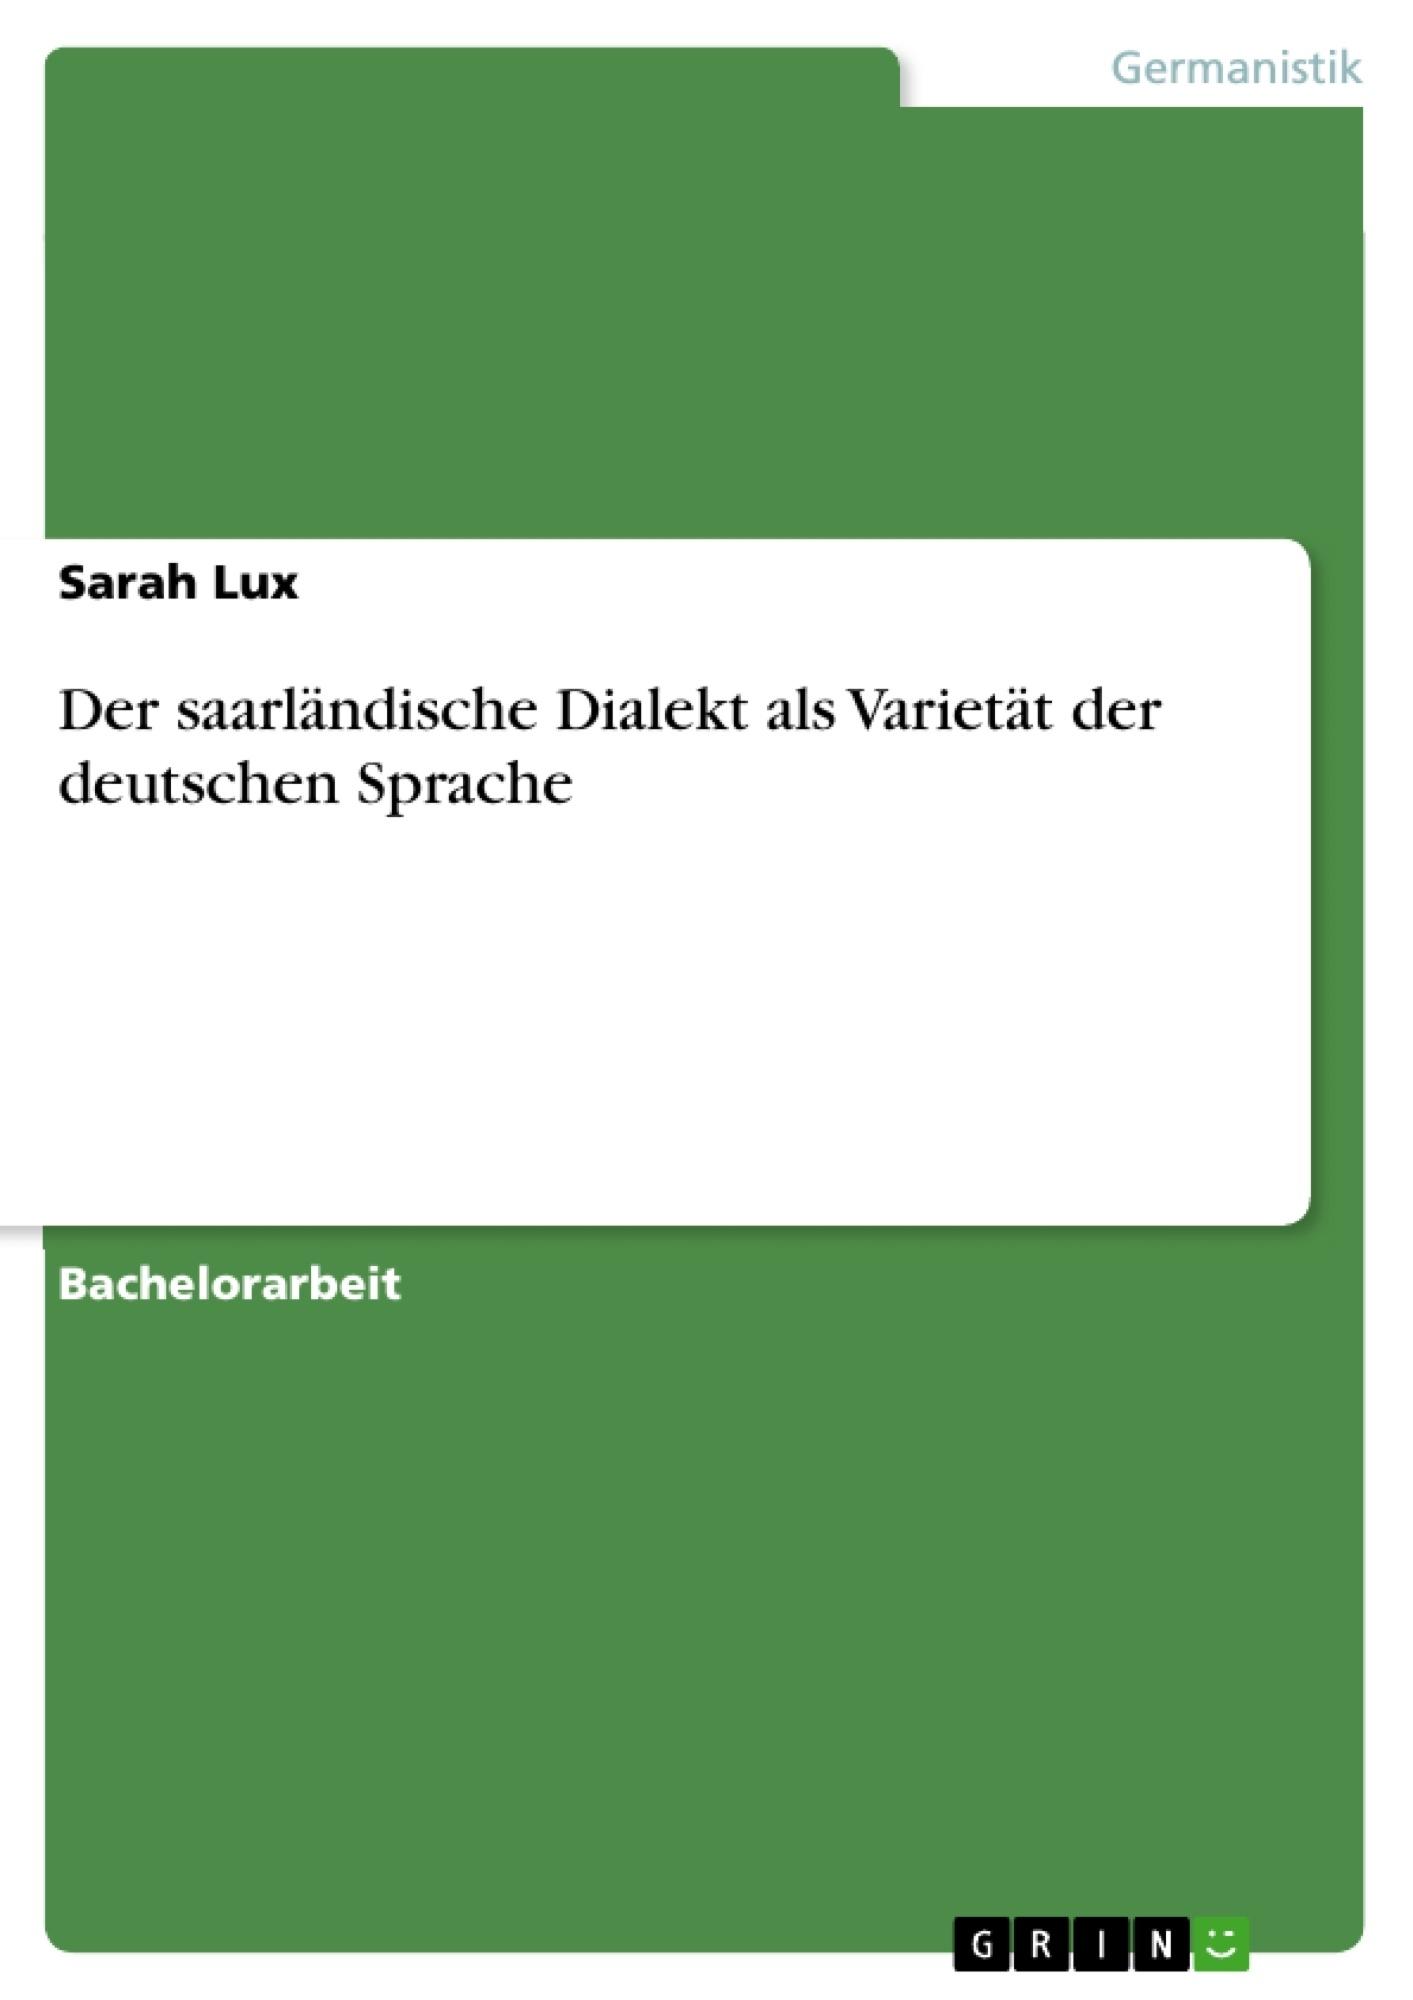 Titel: Der saarländische Dialekt als Varietät der deutschen Sprache